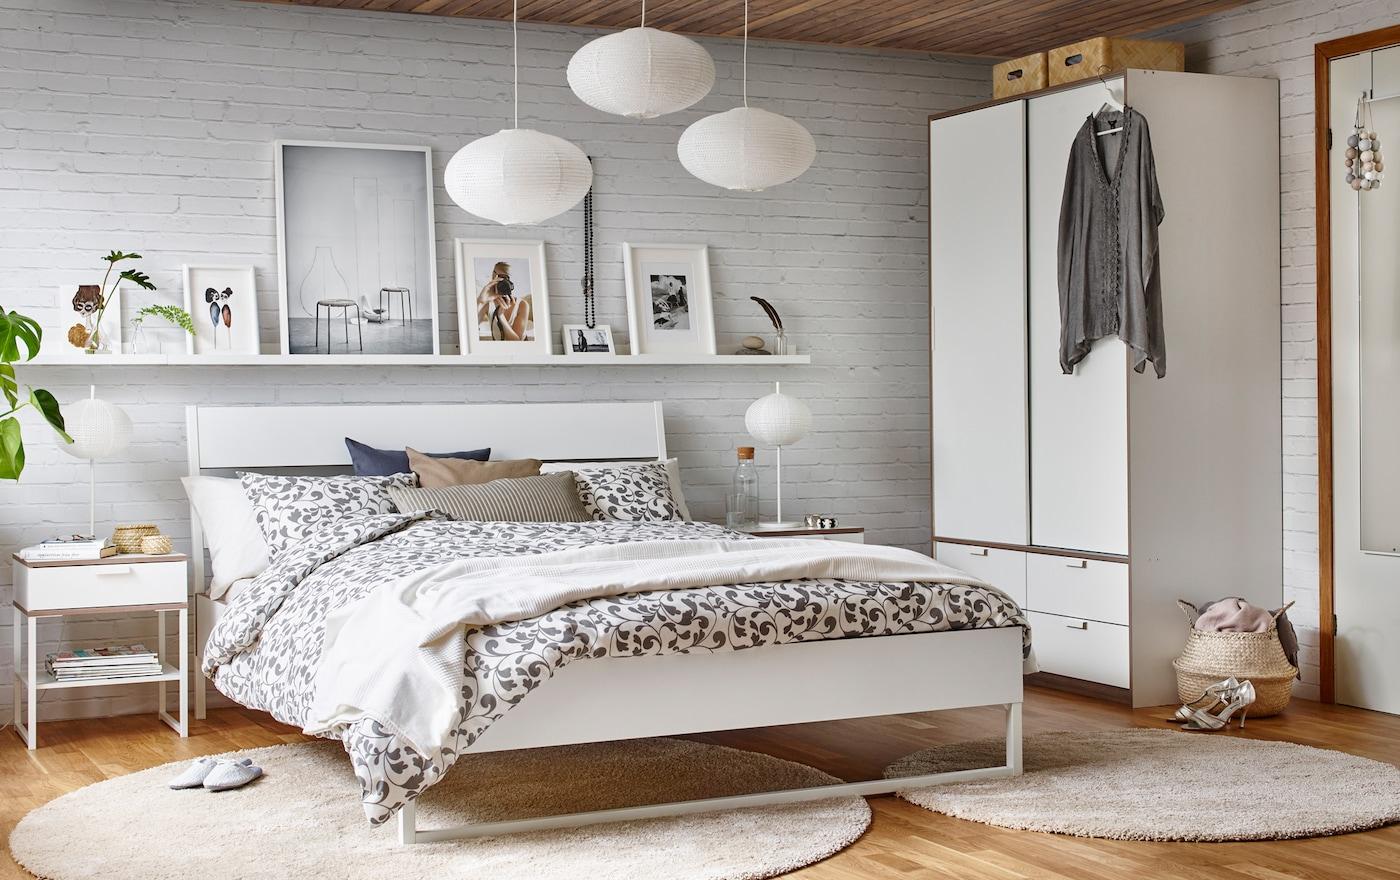 Holzfußboden Schlafzimmer ~ Günstige schlafzimmer ikea